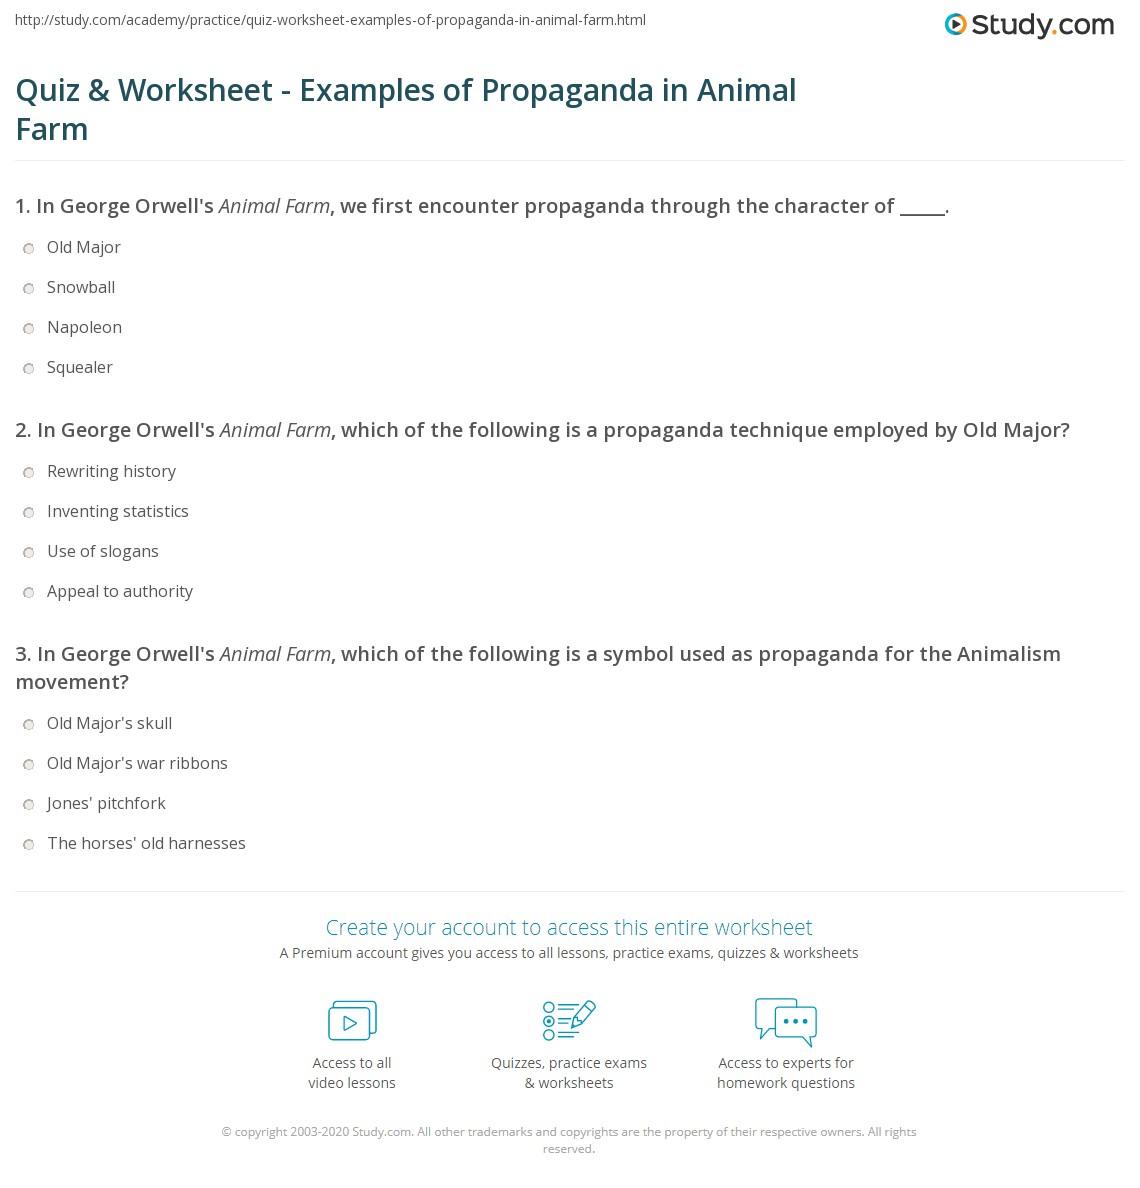 Quiz Worksheet Examples Of Propaganda In Animal Farm Study